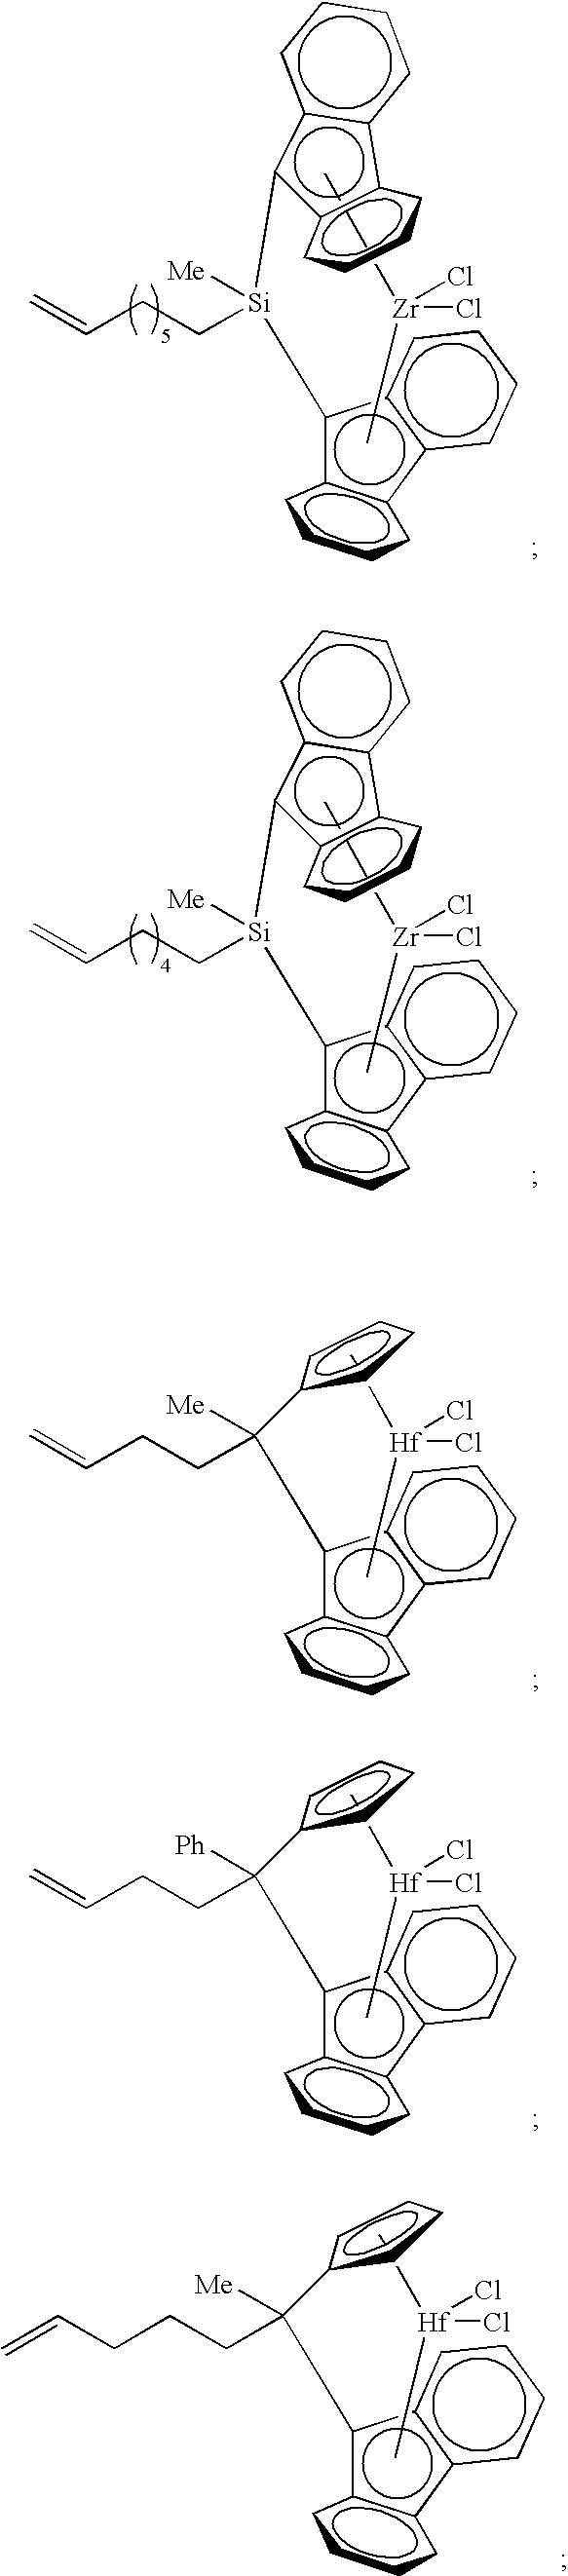 Figure US07226886-20070605-C00003